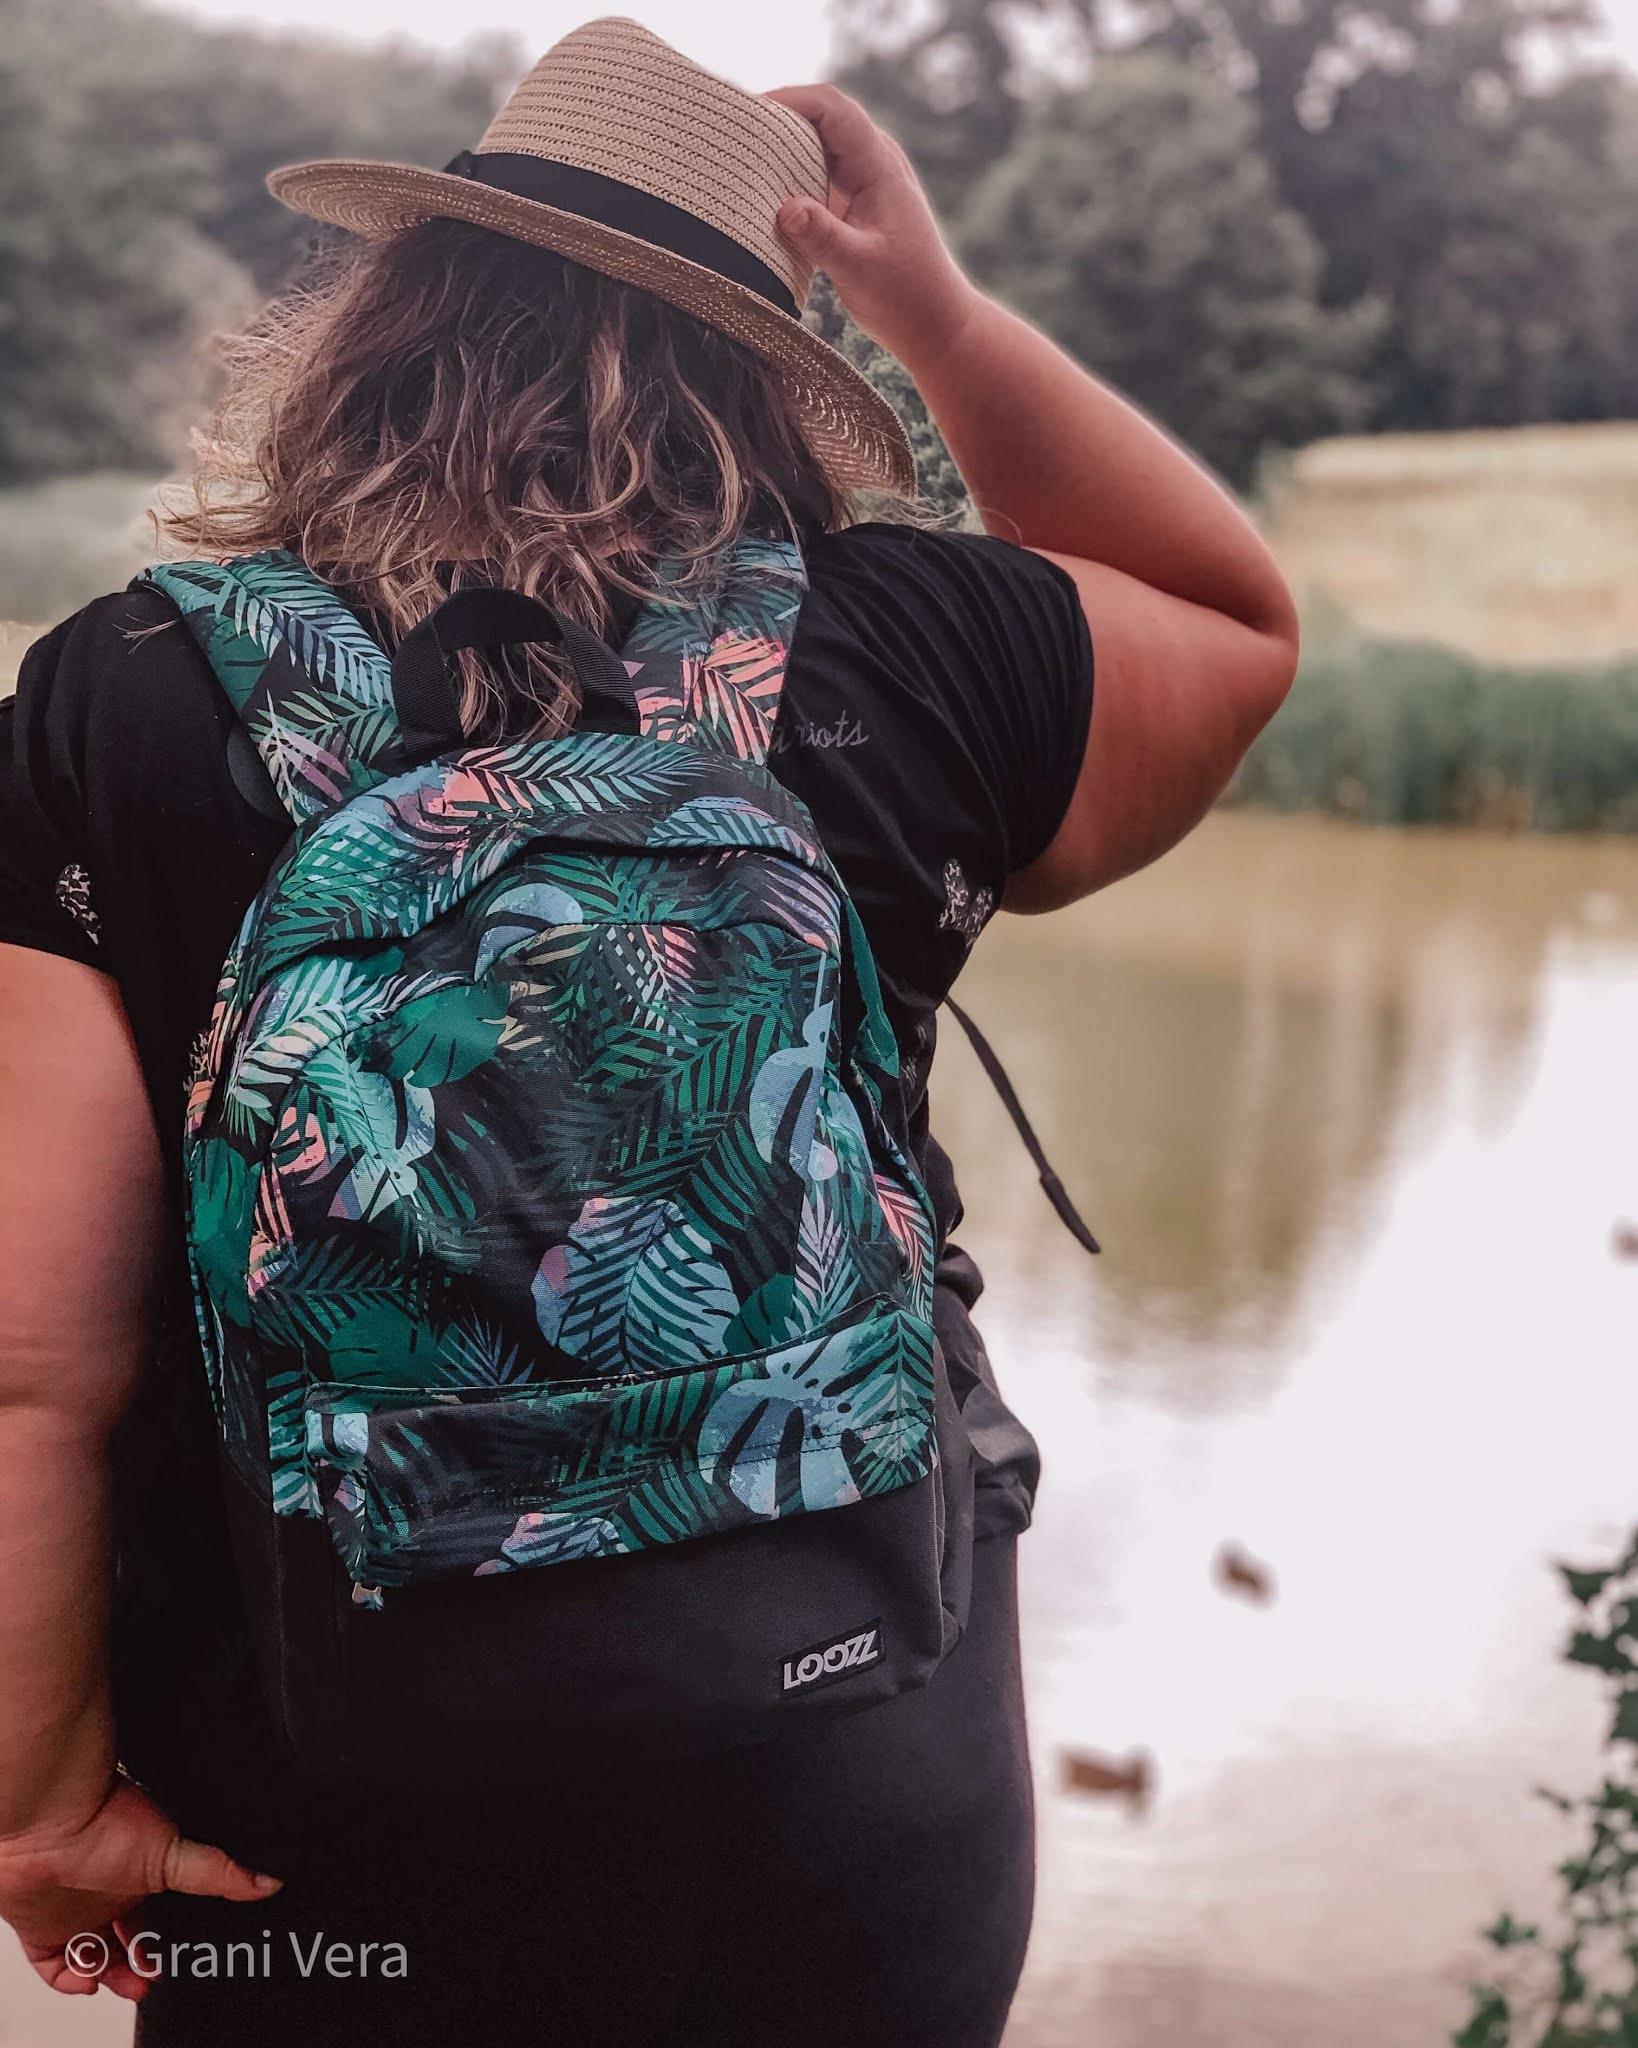 Plecak Loozz z Biedronki